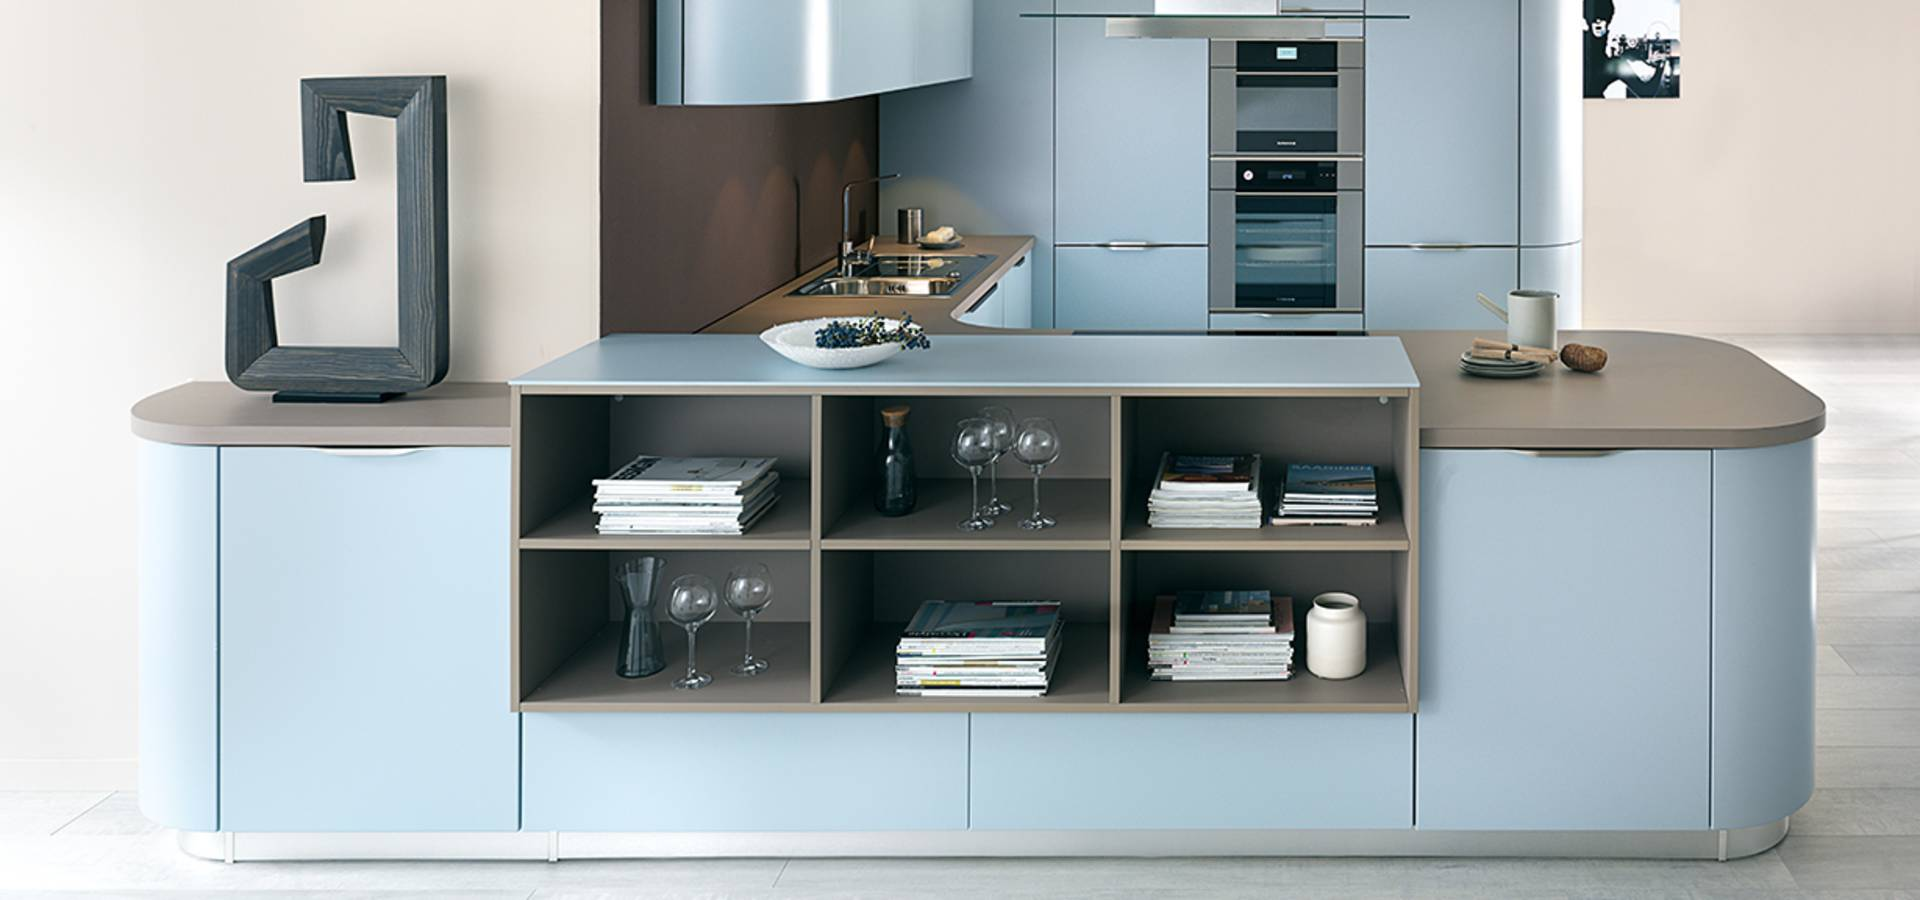 schmidt k chen k chenhersteller in t rkism hle homify. Black Bedroom Furniture Sets. Home Design Ideas